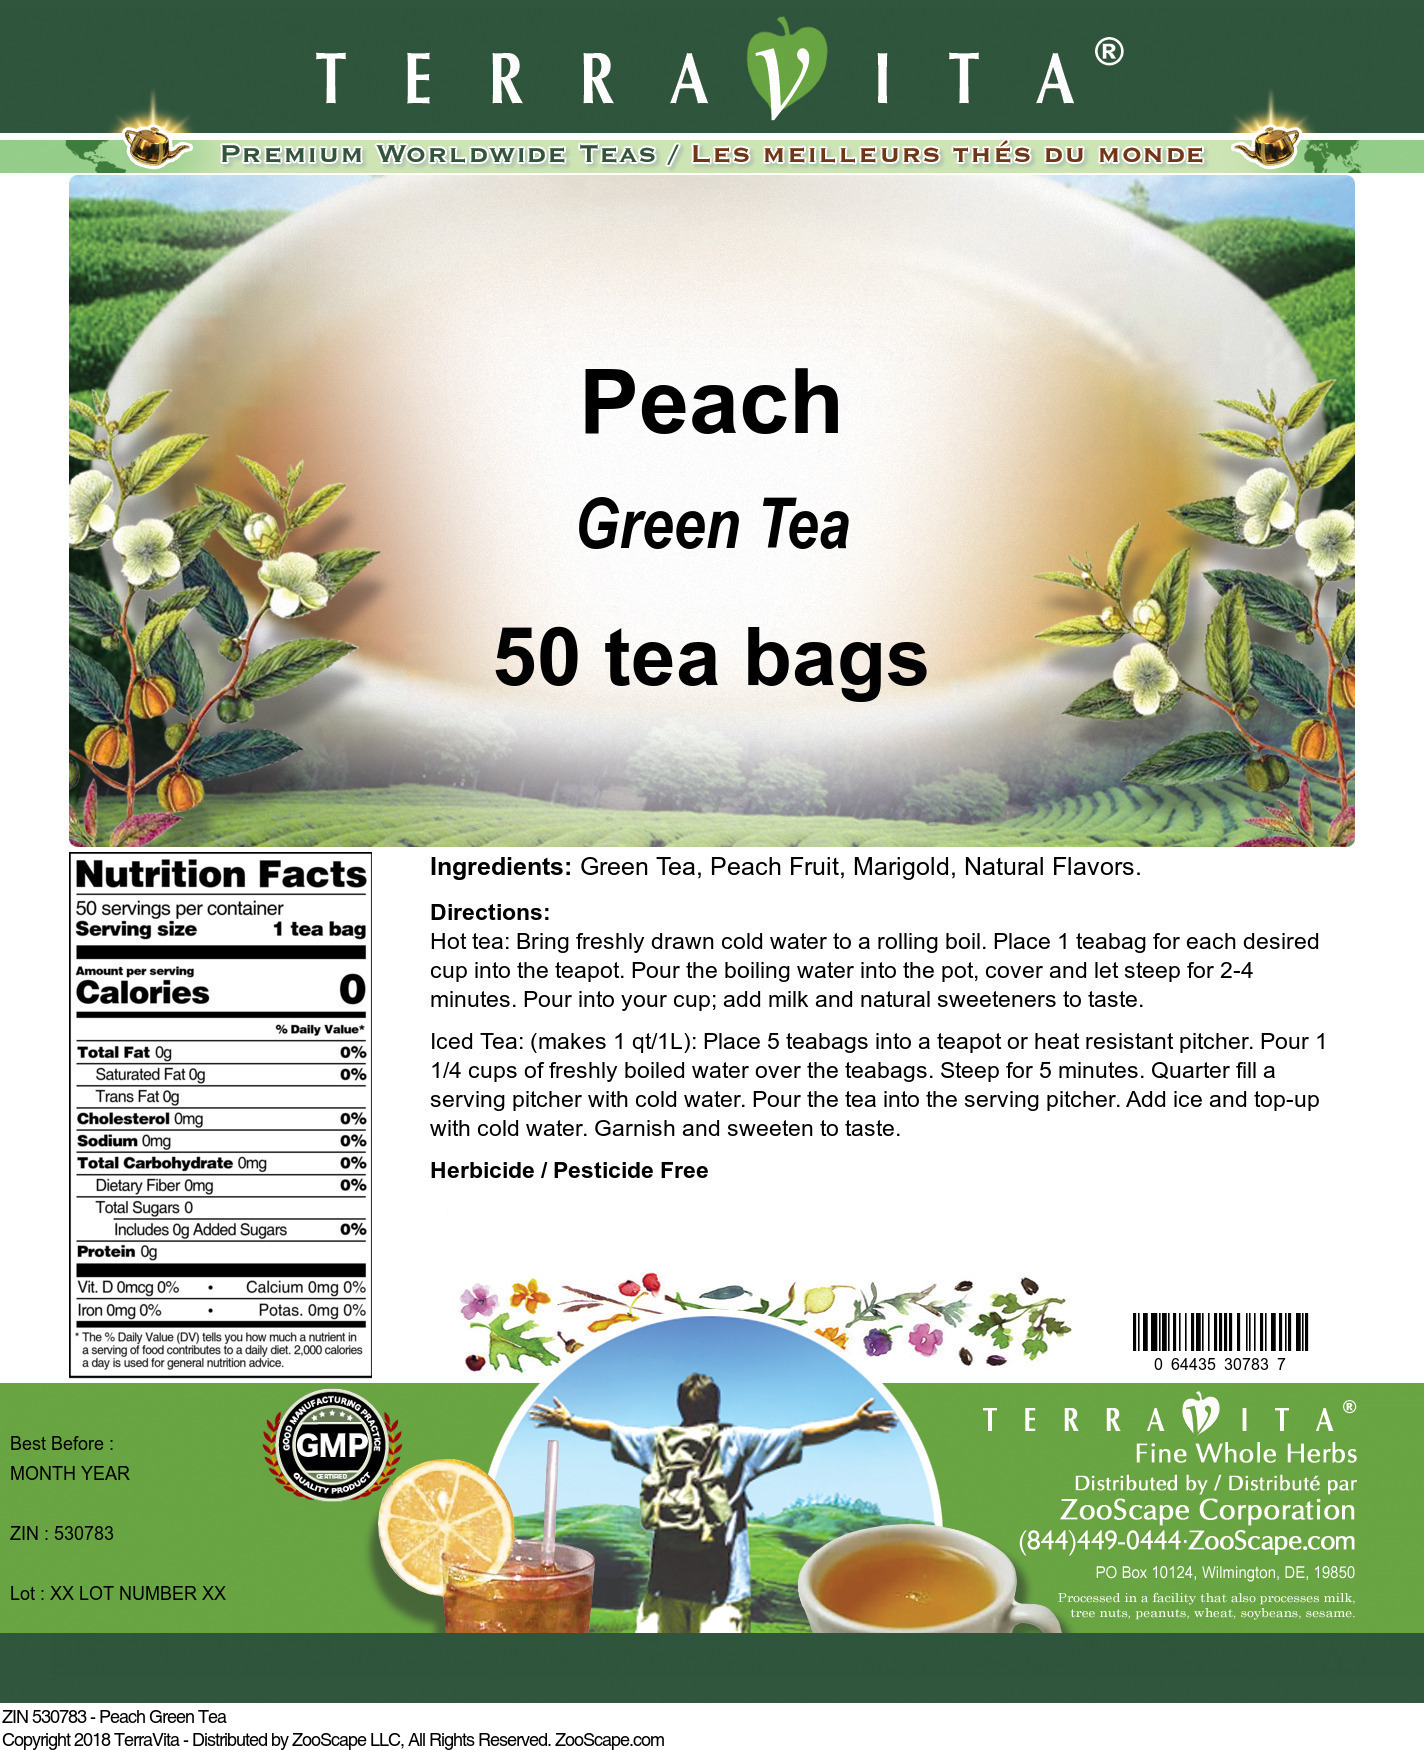 Peach Green Tea